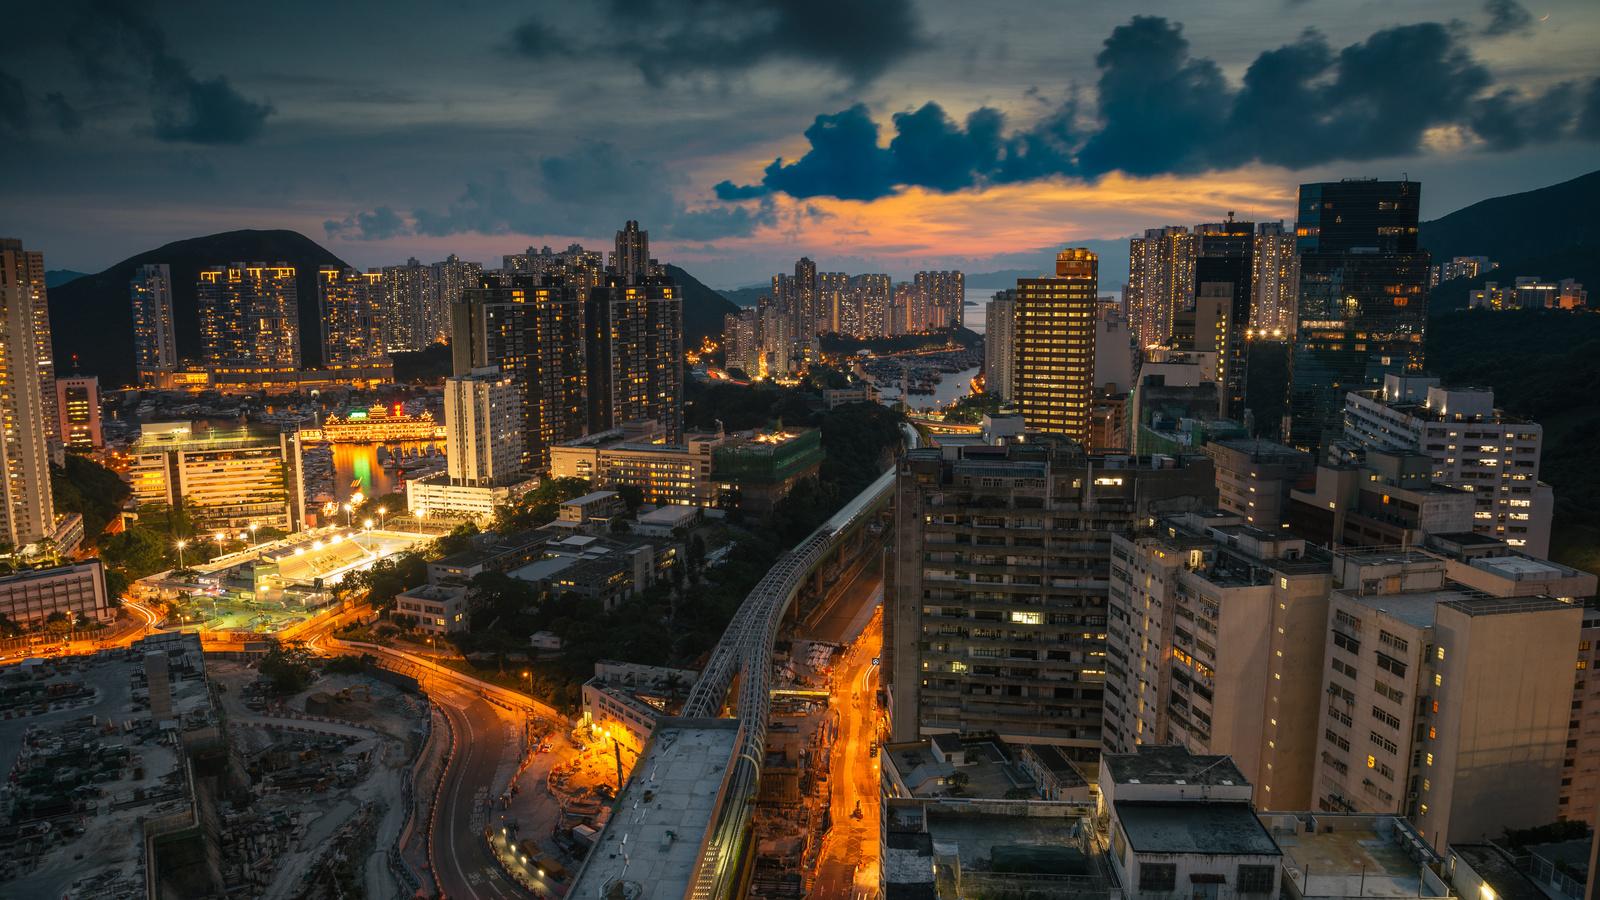 город, дорога, здания, небоскребы, небо